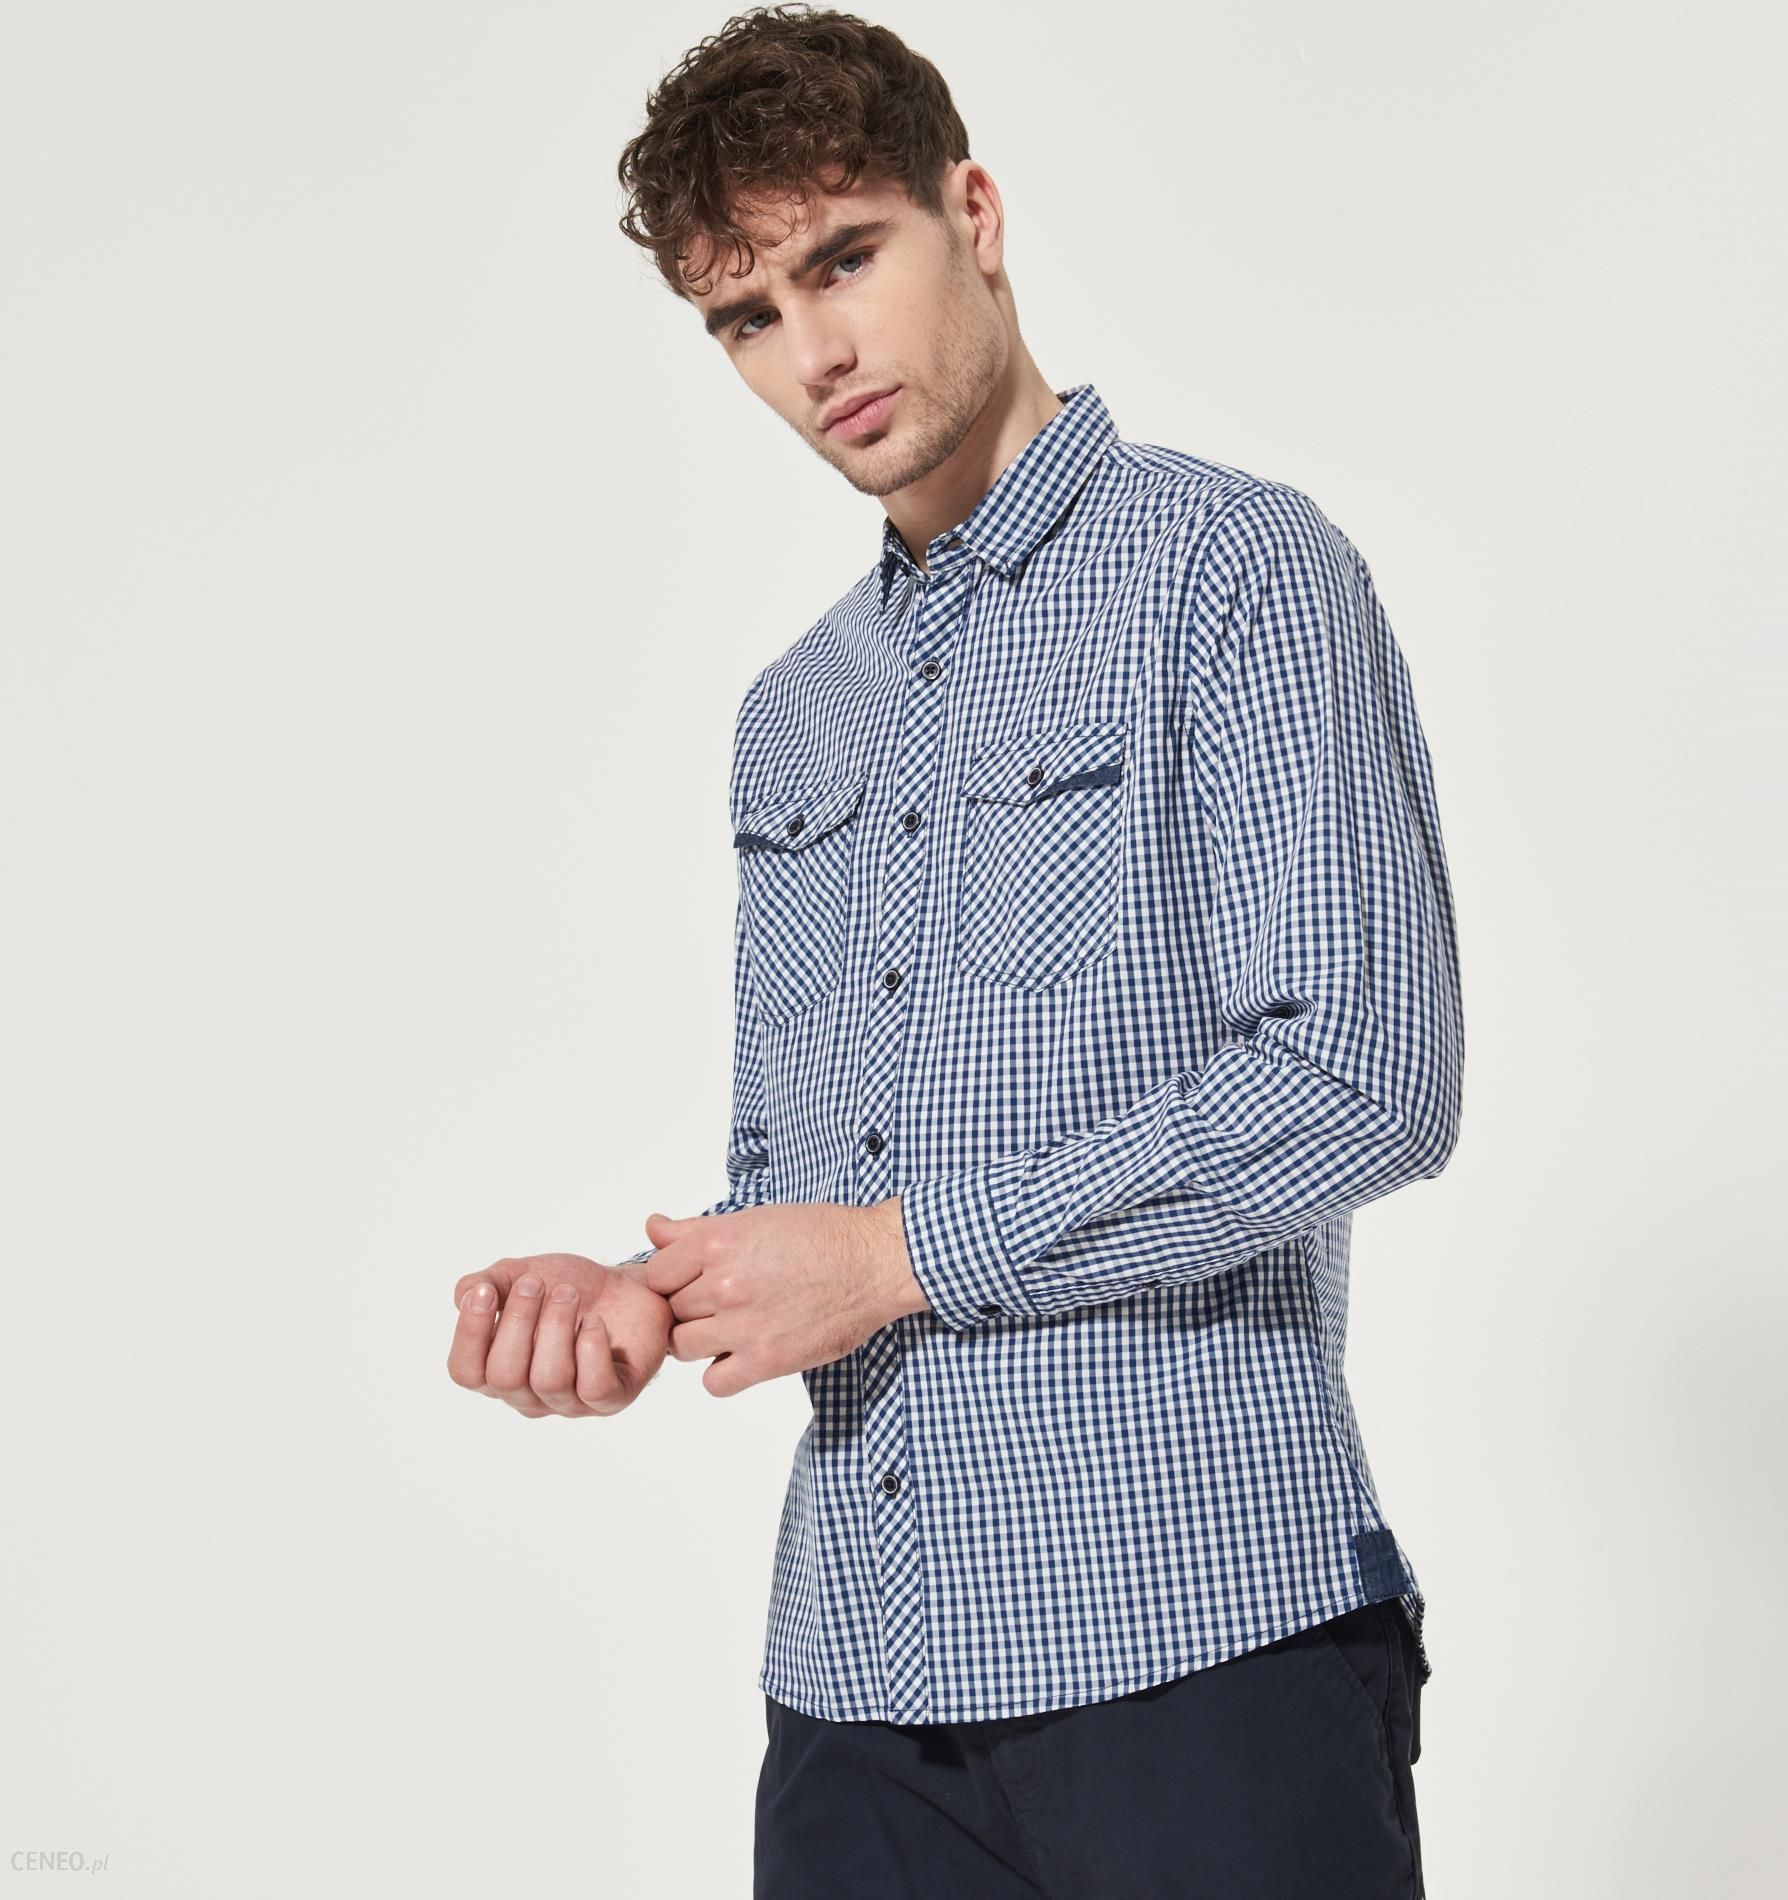 House Koszula w kratę Niebieski męska Ceny i opinie  UQU2n